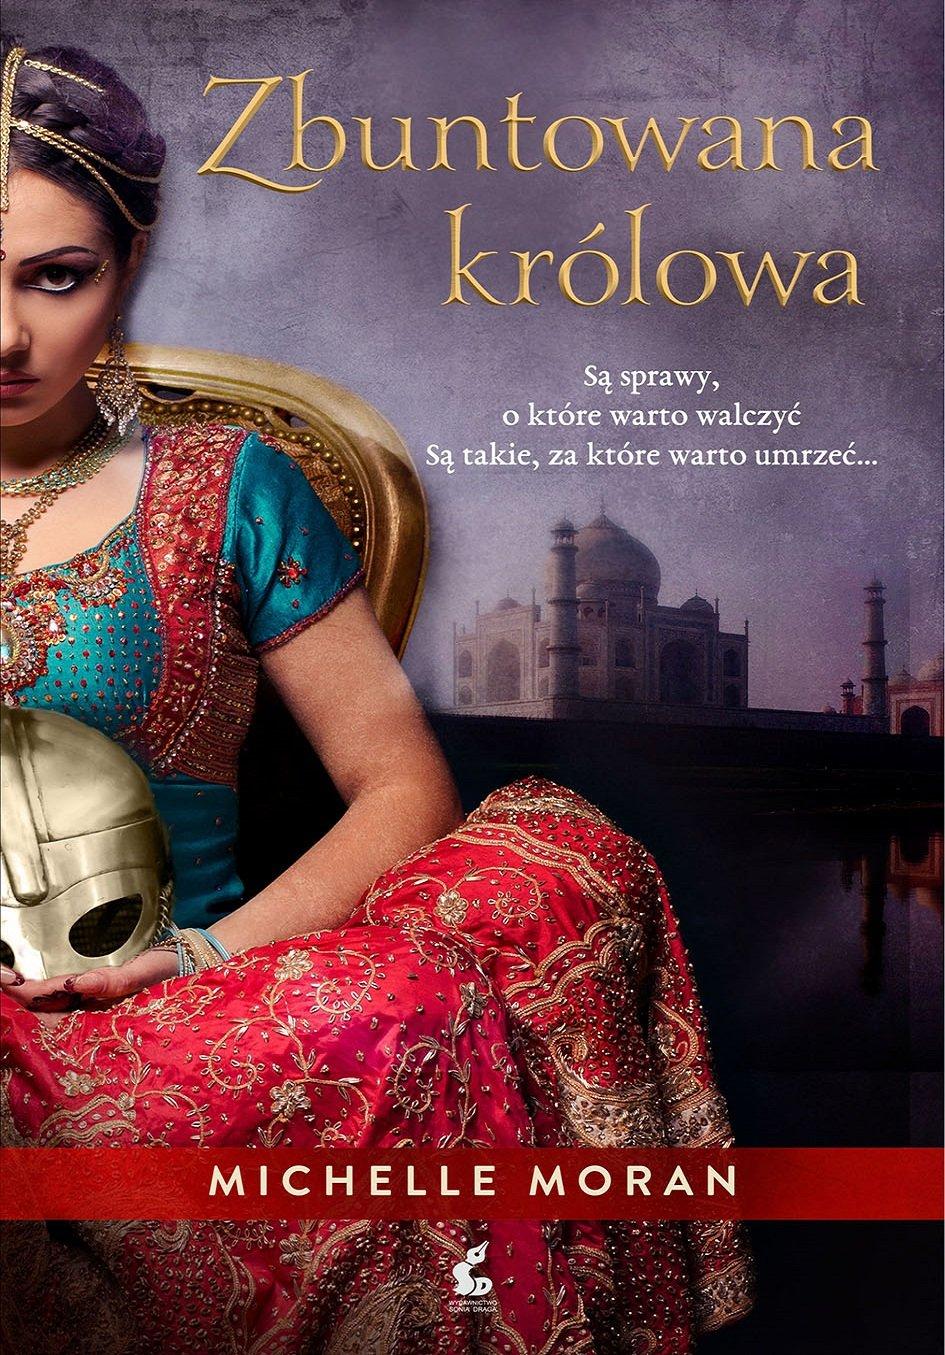 Zbuntowana królowa - Ebook (Książka na Kindle) do pobrania w formacie MOBI